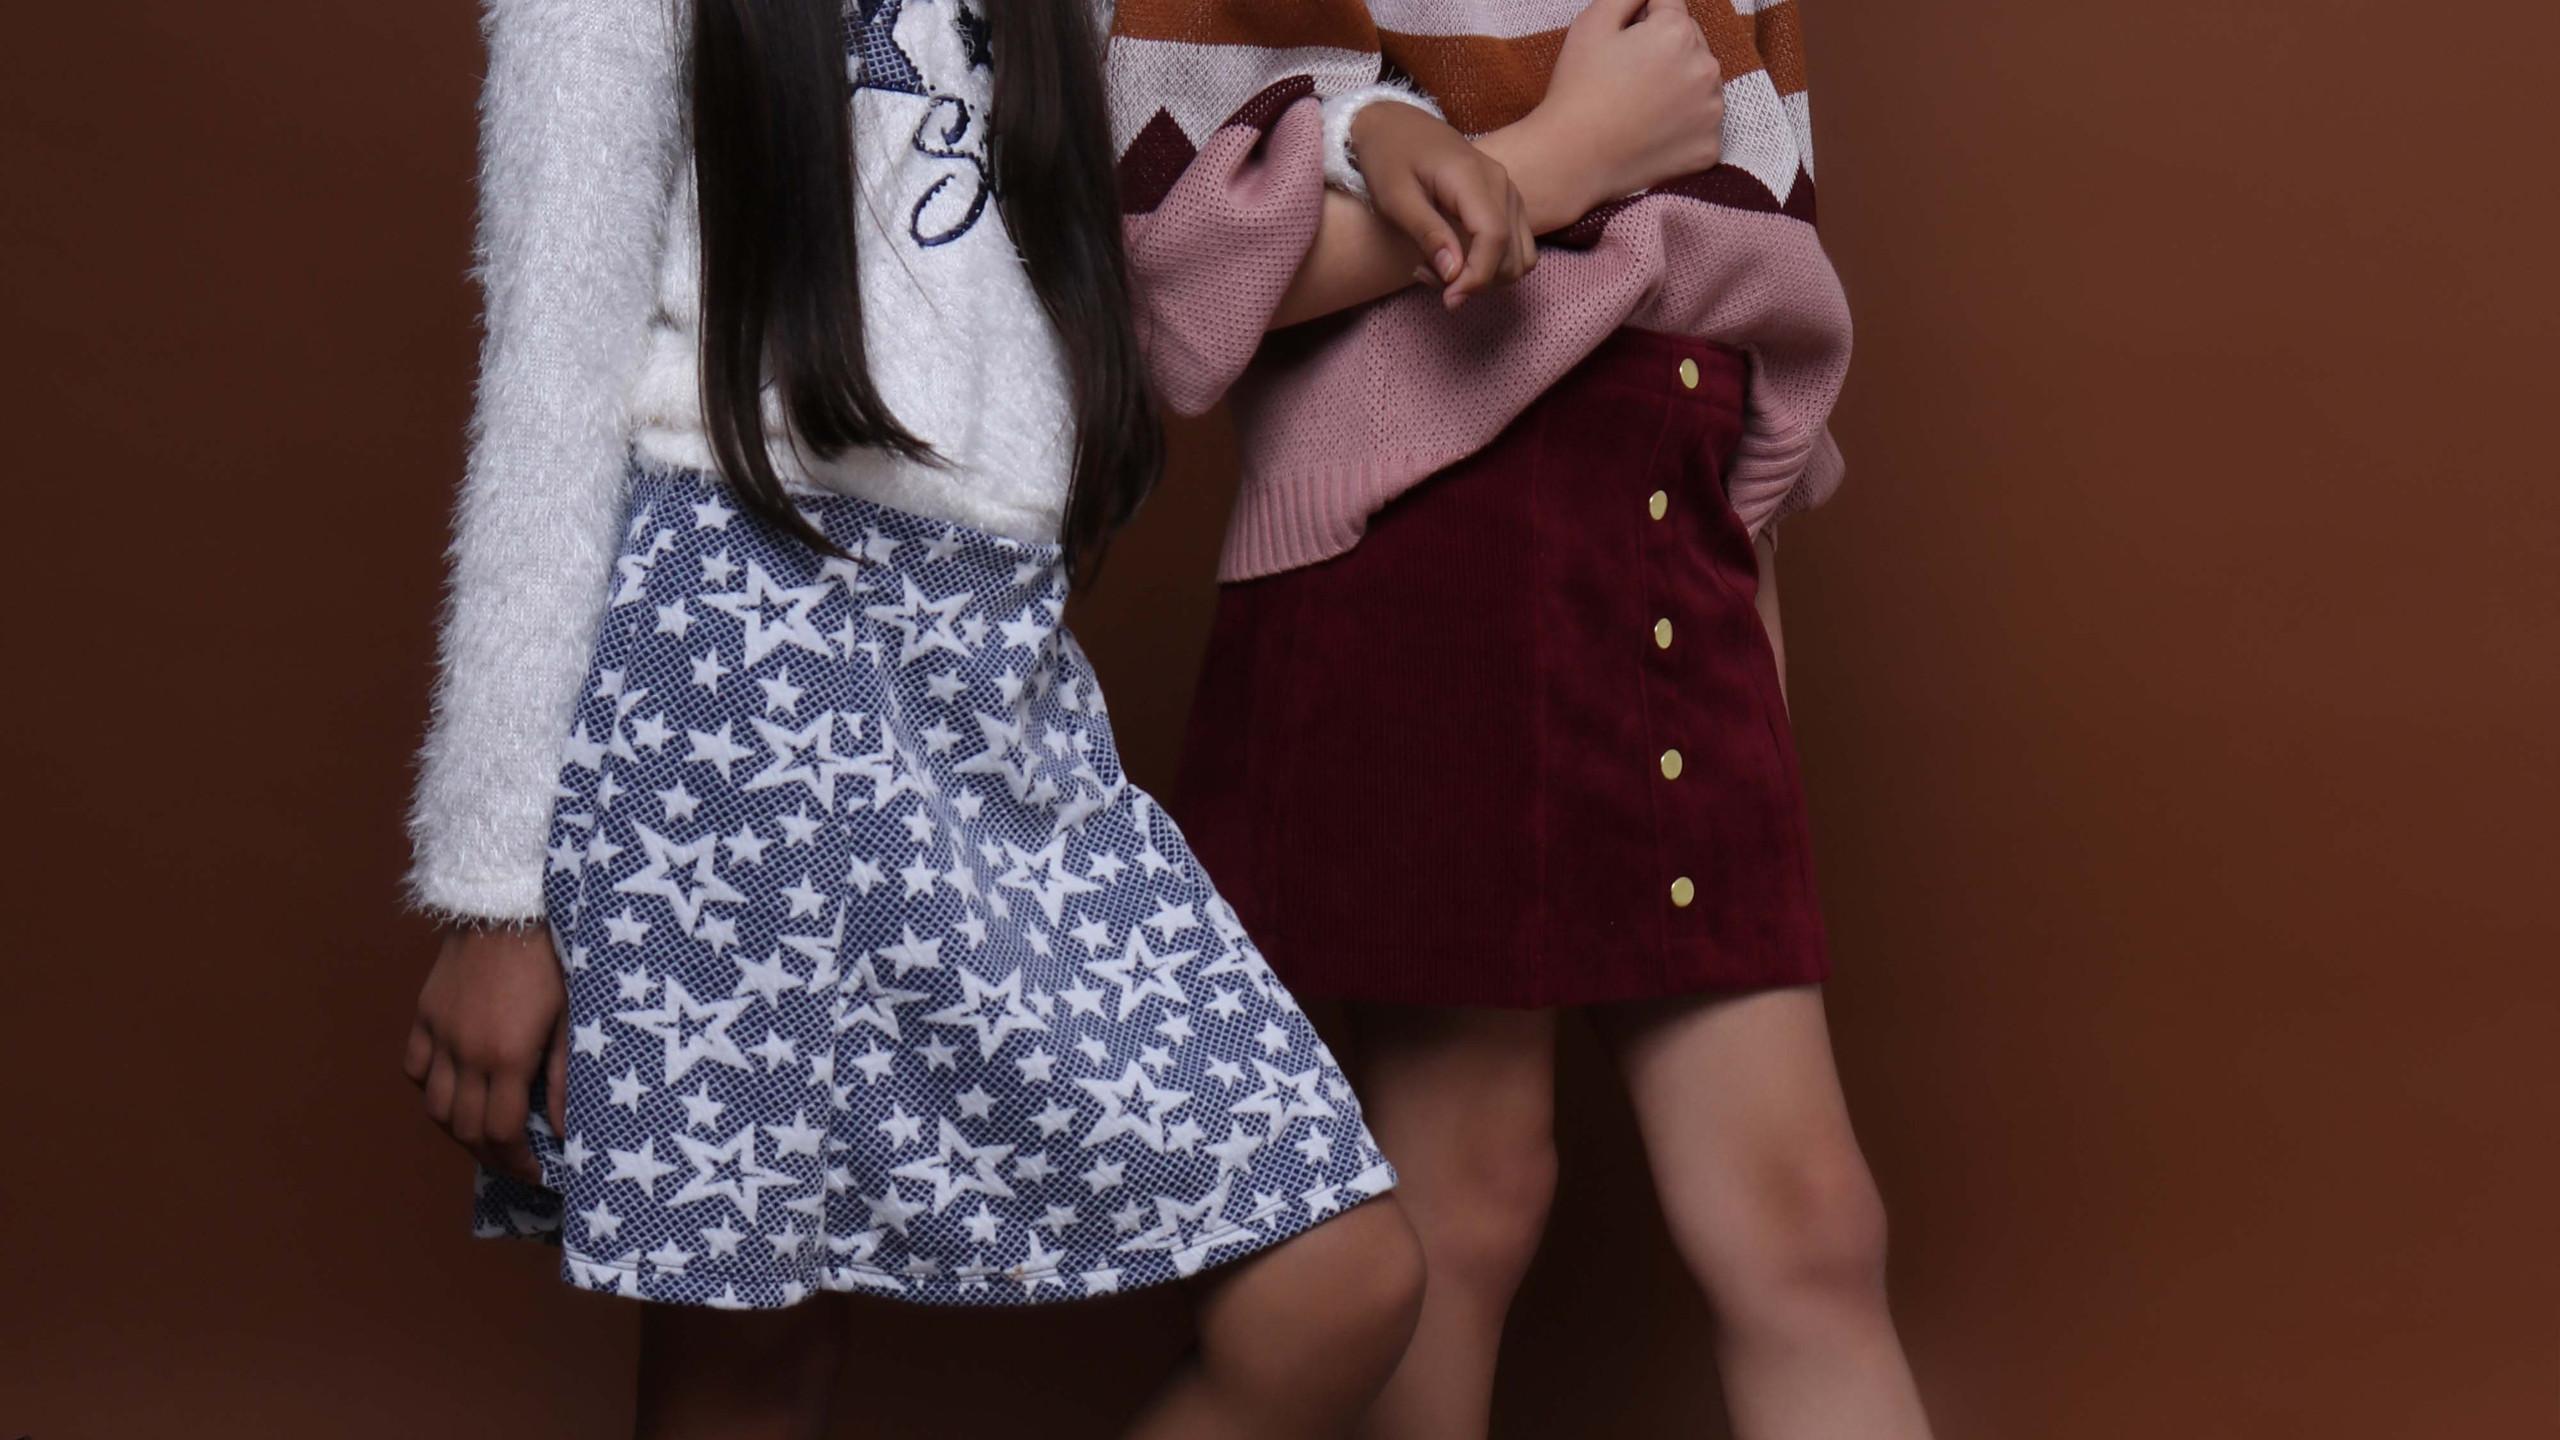 Da esquerda para a direita: Modelo 1: Touca: acervo, Blusa e saia: Petit Cherrie, Tênis: Bibi. Modelo 2: Blusa: Edamami, Saia: Color Girl, Meia, Cantarola (acervo) e Tênis: Converse.